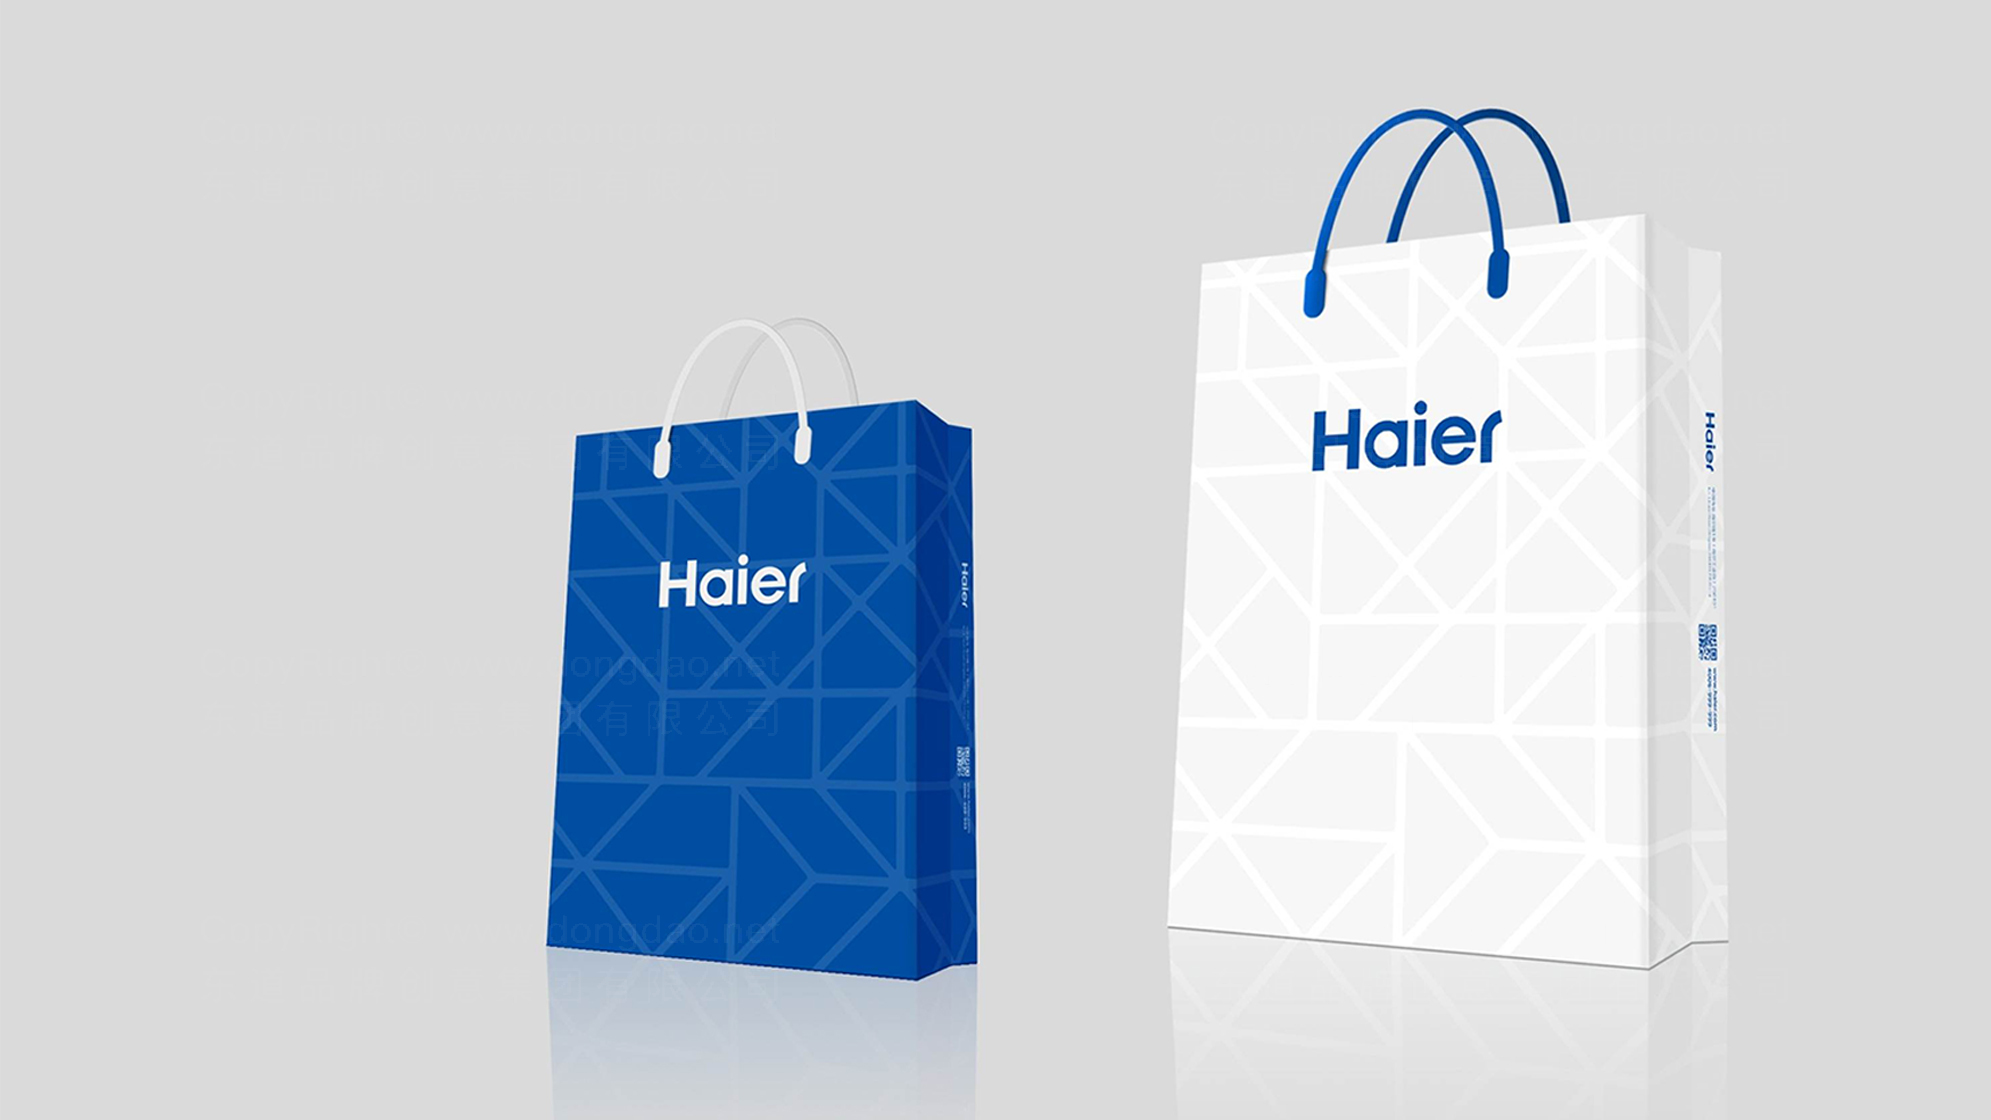 品牌设计海尔VI设计应用场景_4